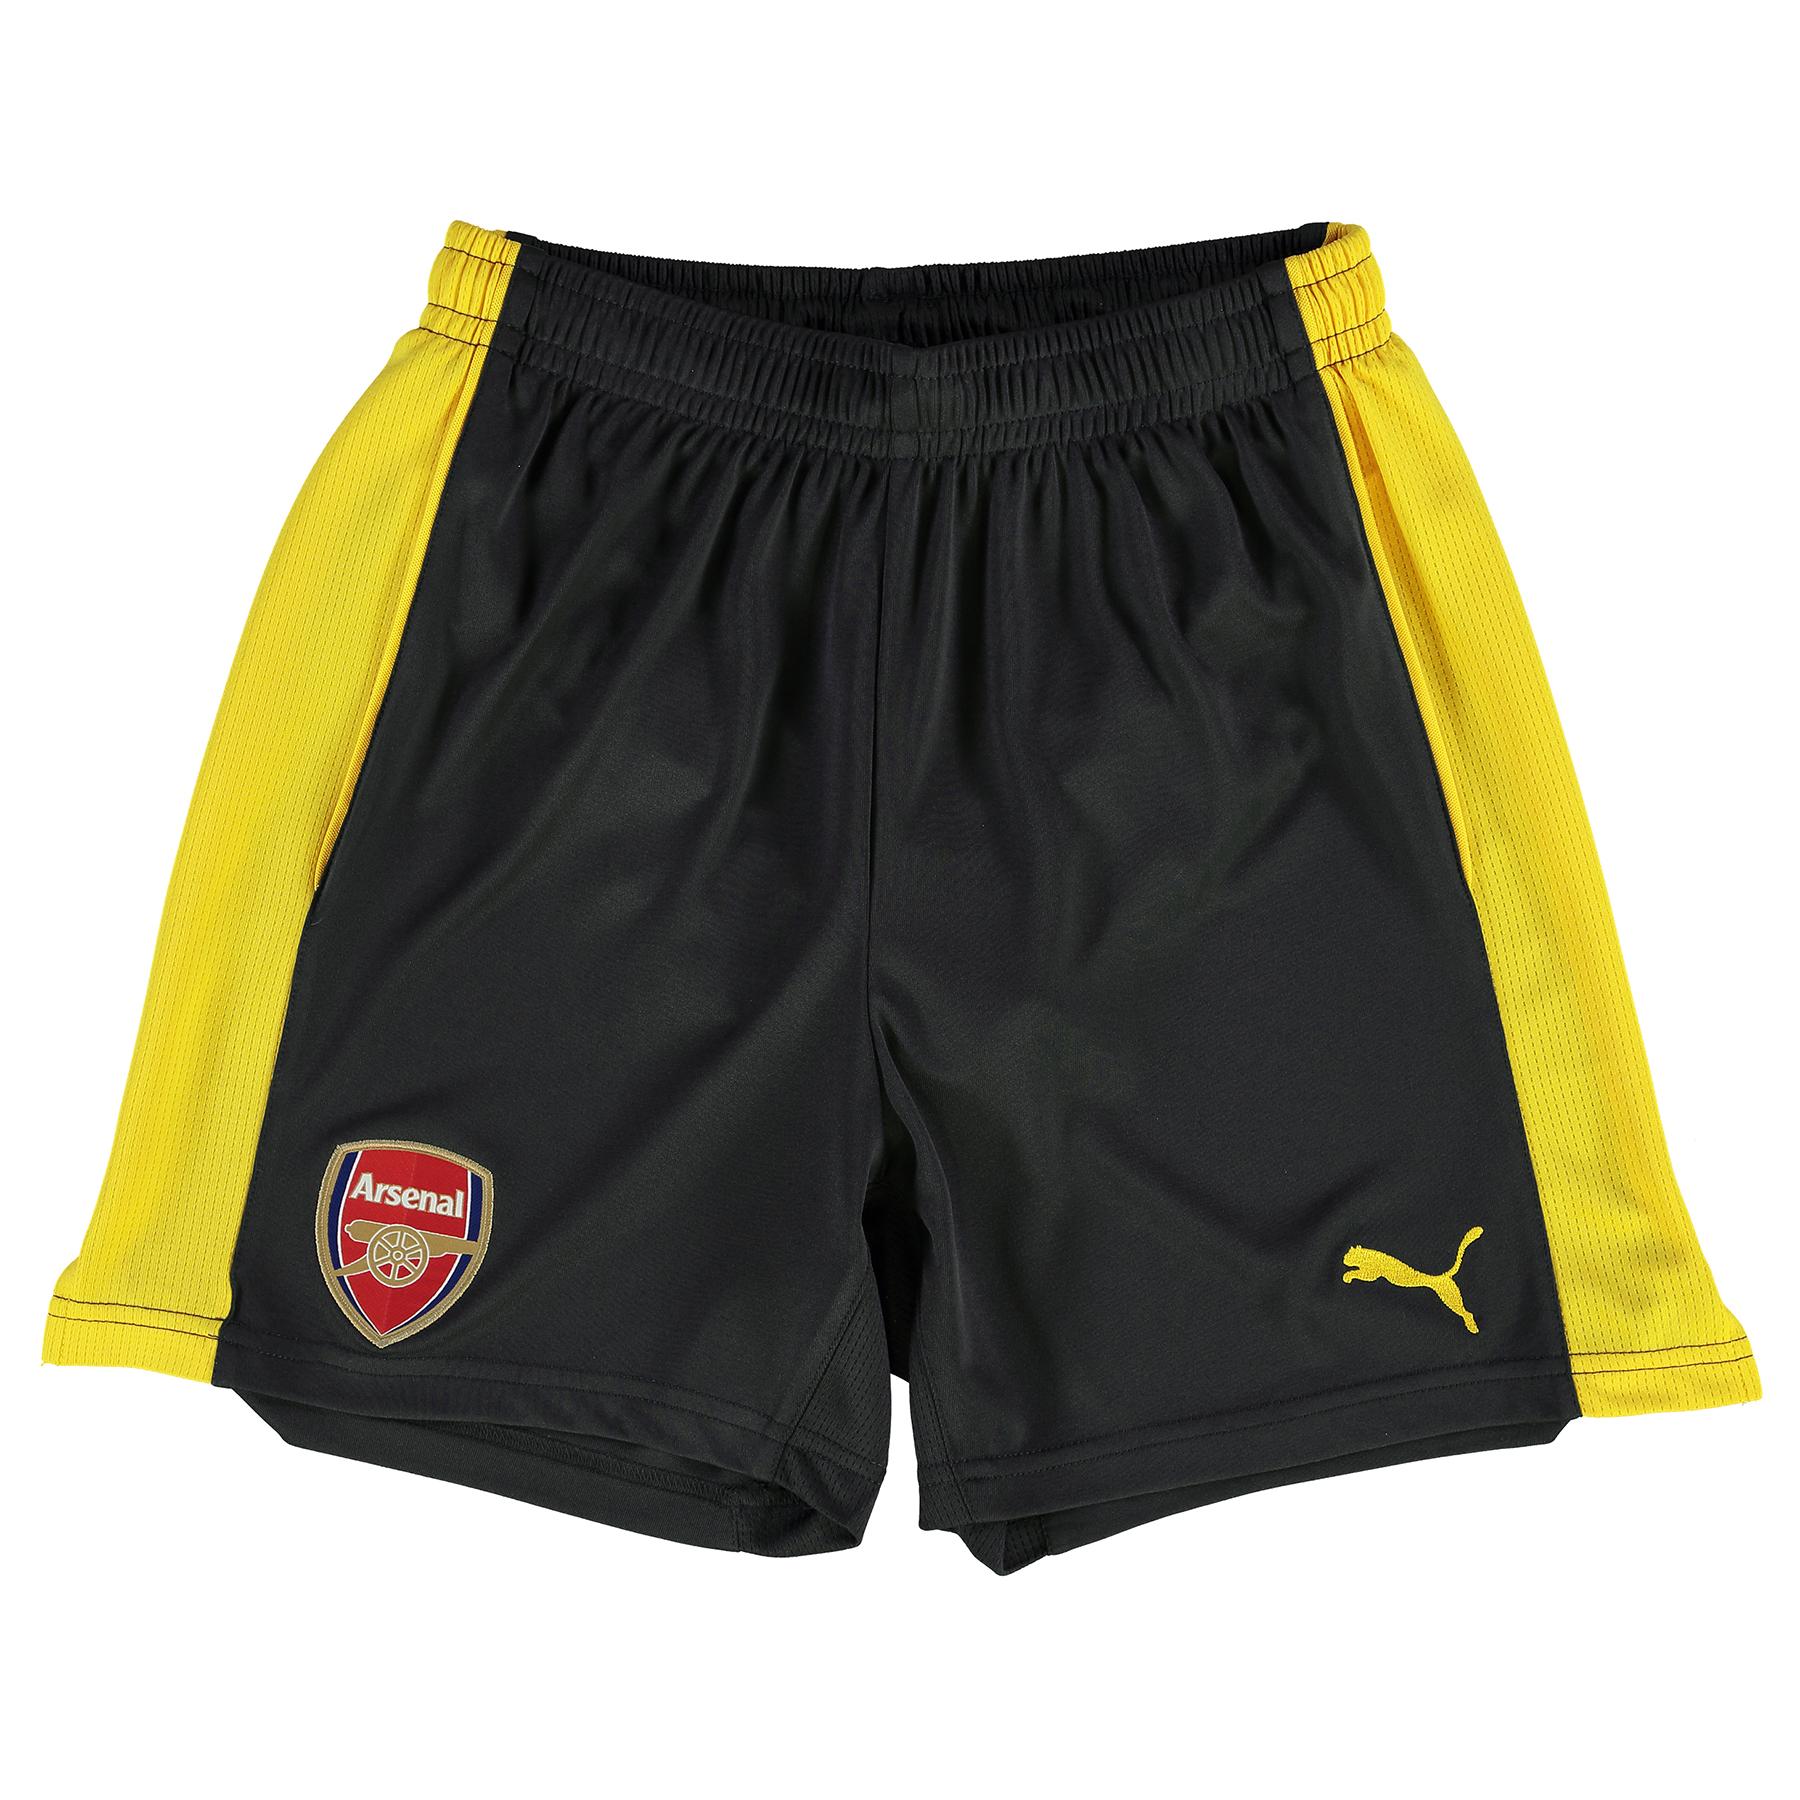 Arsenal Away Short 2016-17 - Kids, Yellow